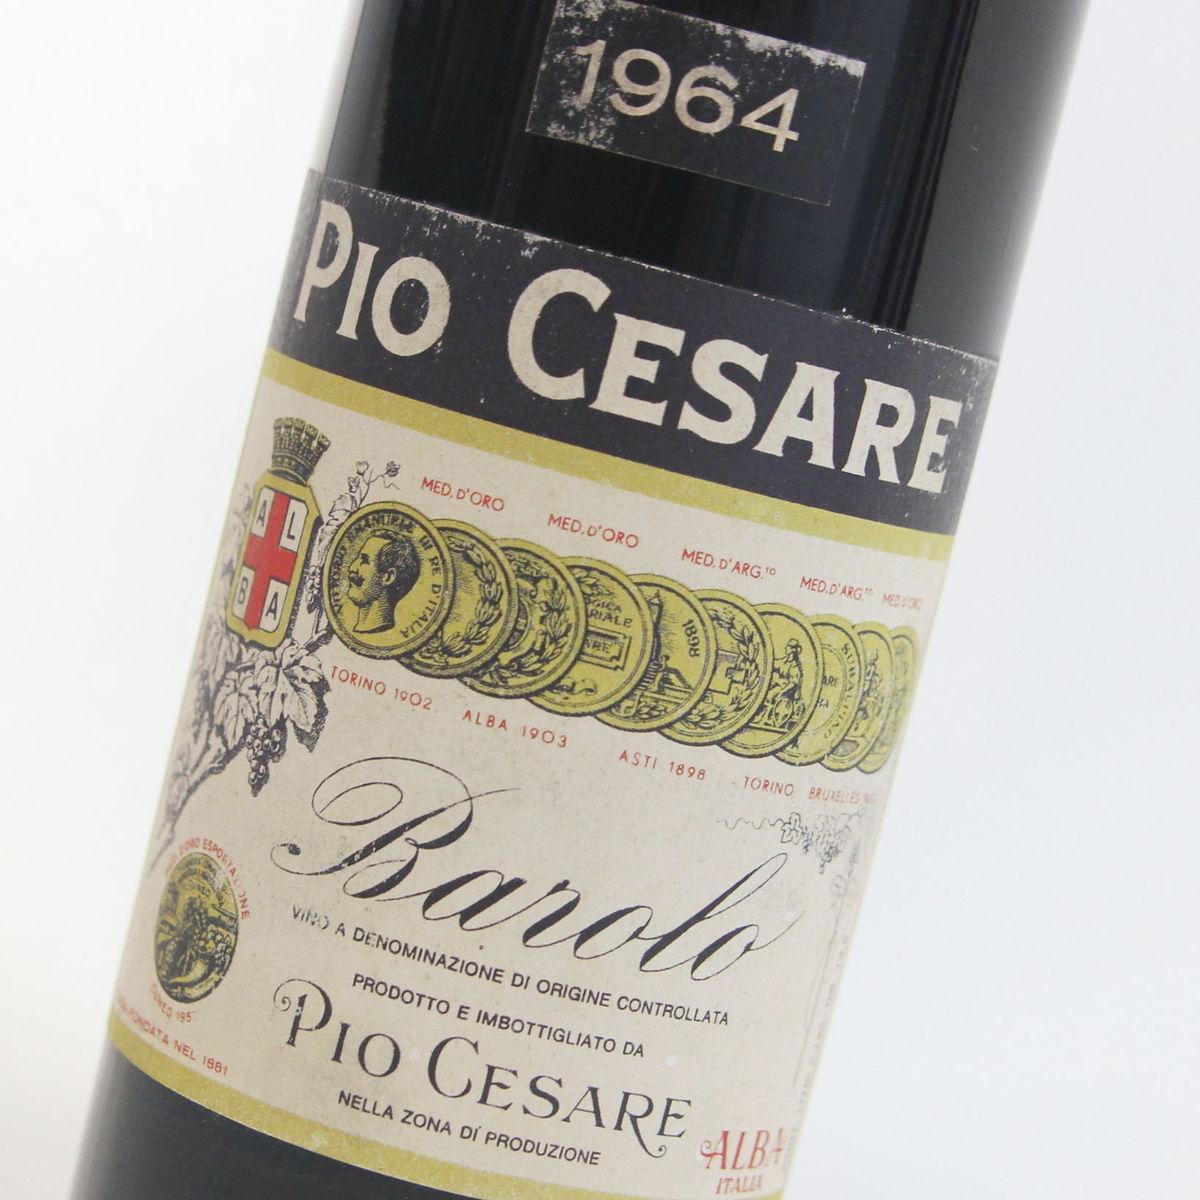 【1964年】バローロ ピオ・チェ-ザレ Barolo Pio Cesare イタリア ピエモンテ 赤ワイン 750ml